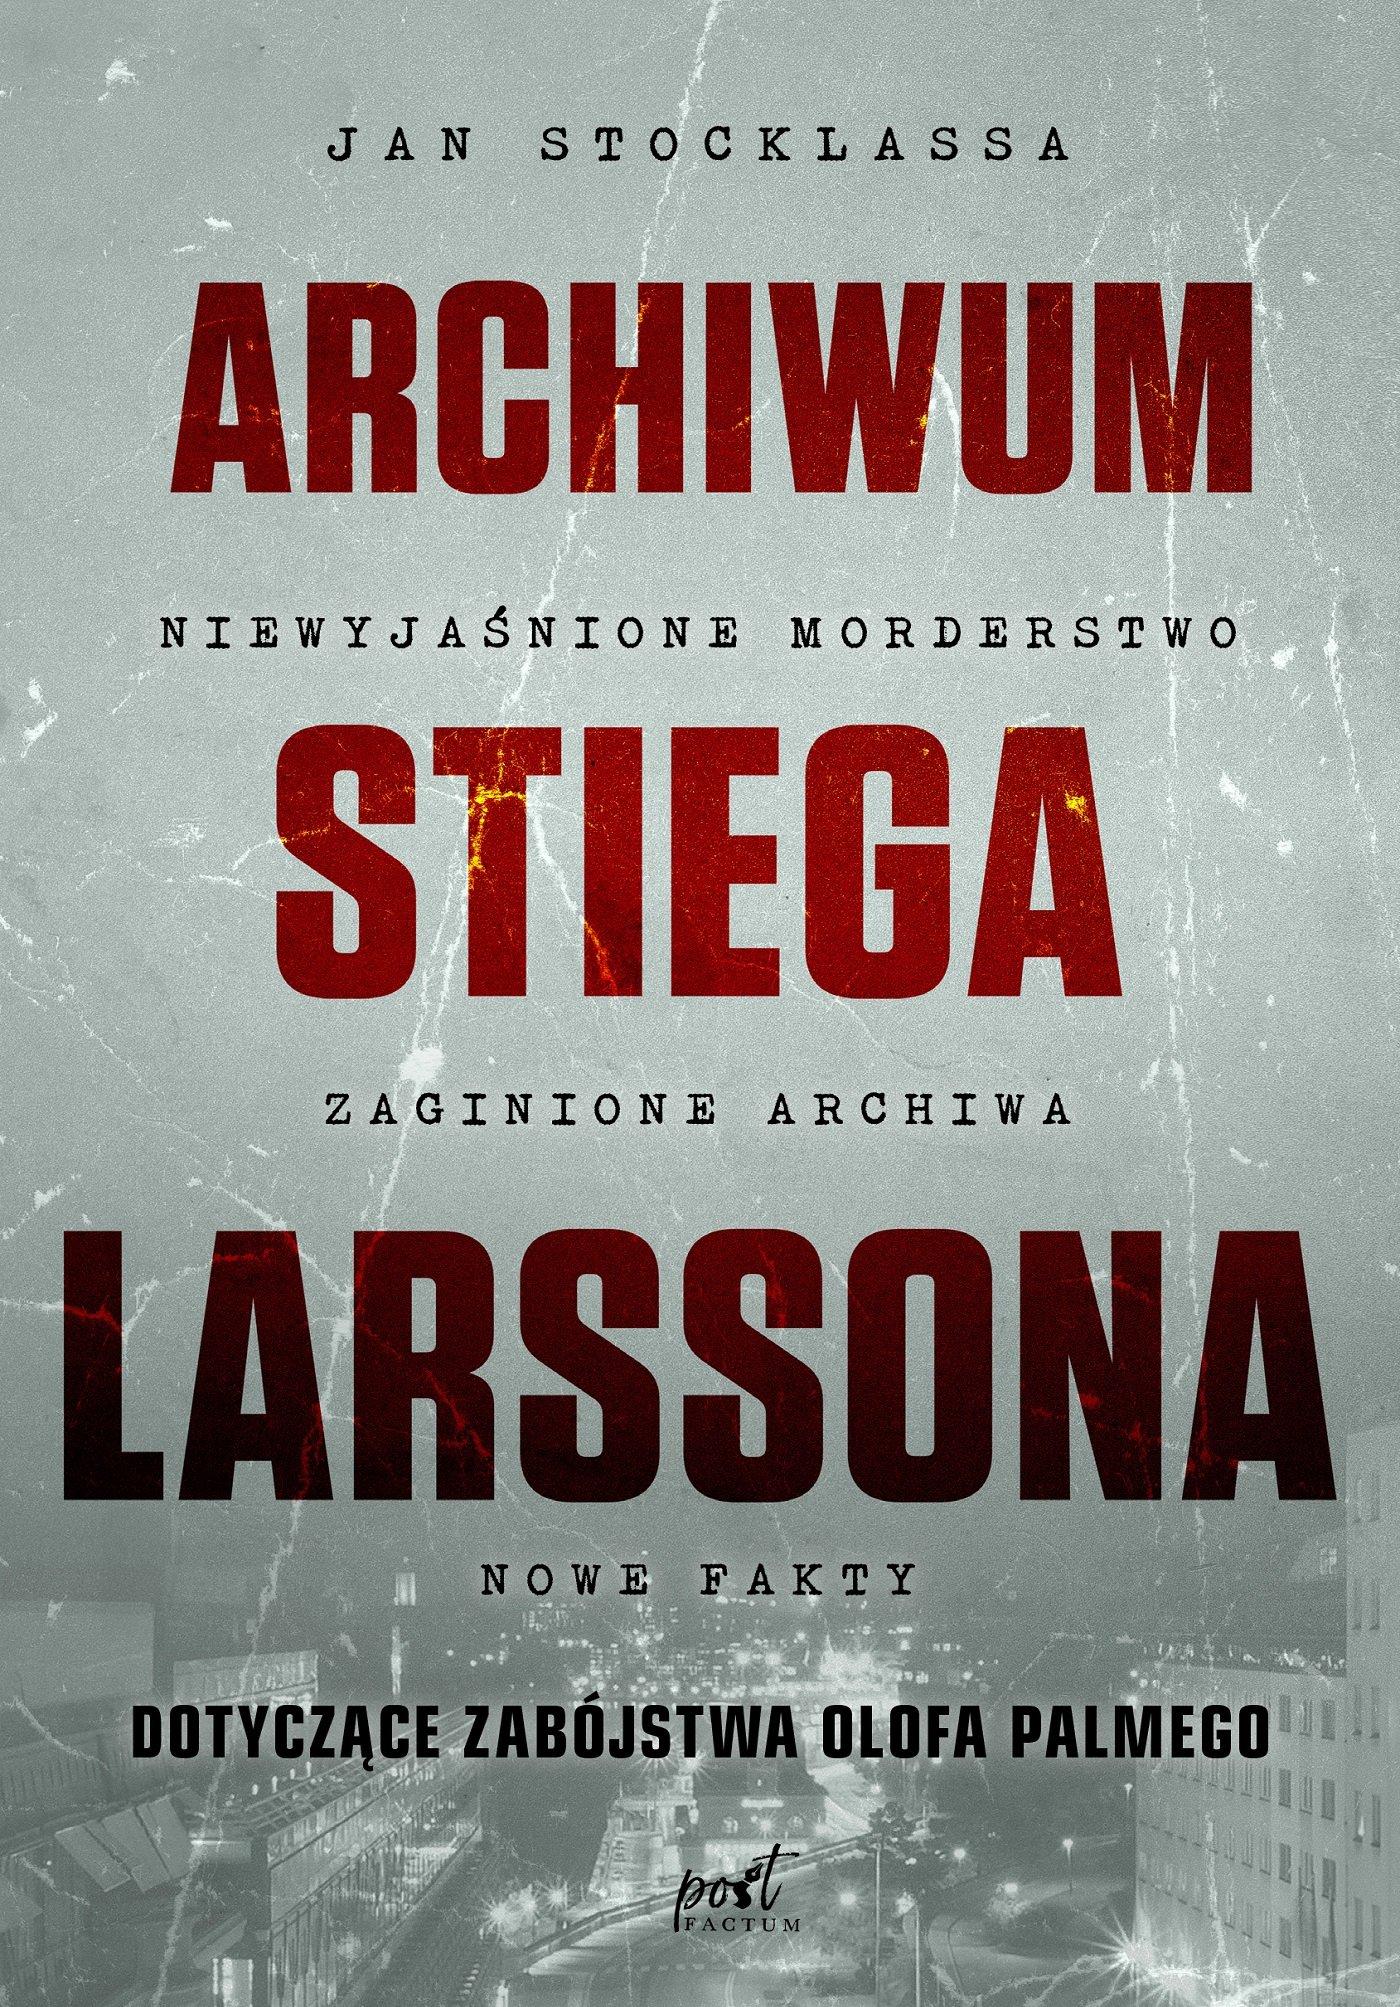 Archiwum Stiega Larssona - Ebook (Książka na Kindle) do pobrania w formacie MOBI